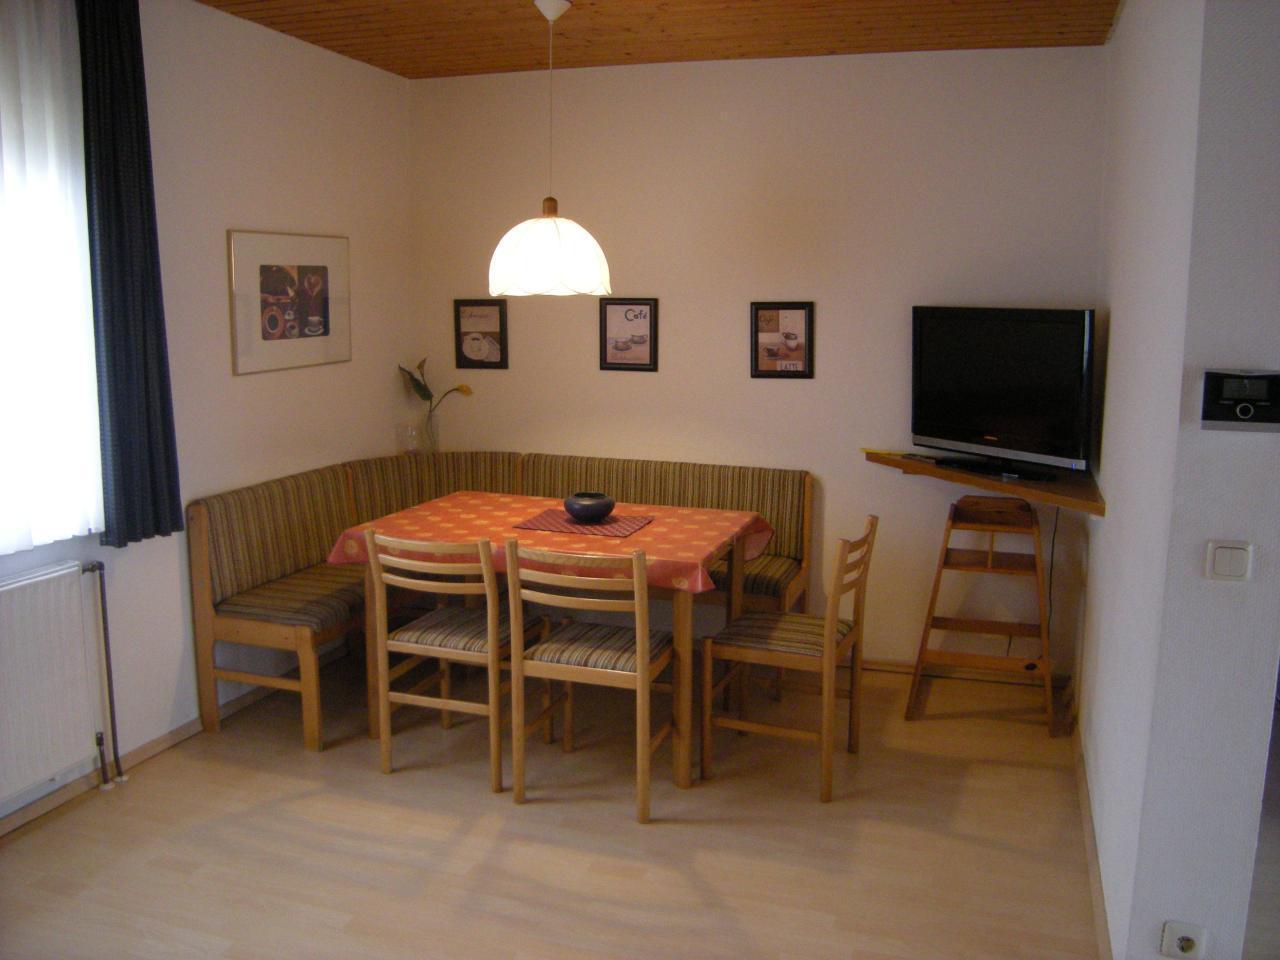 Ferienhaus Bugalow Type B für max. 6 Personen (761038), Dipperz, Rhön (Hessen), Hessen, Deutschland, Bild 4